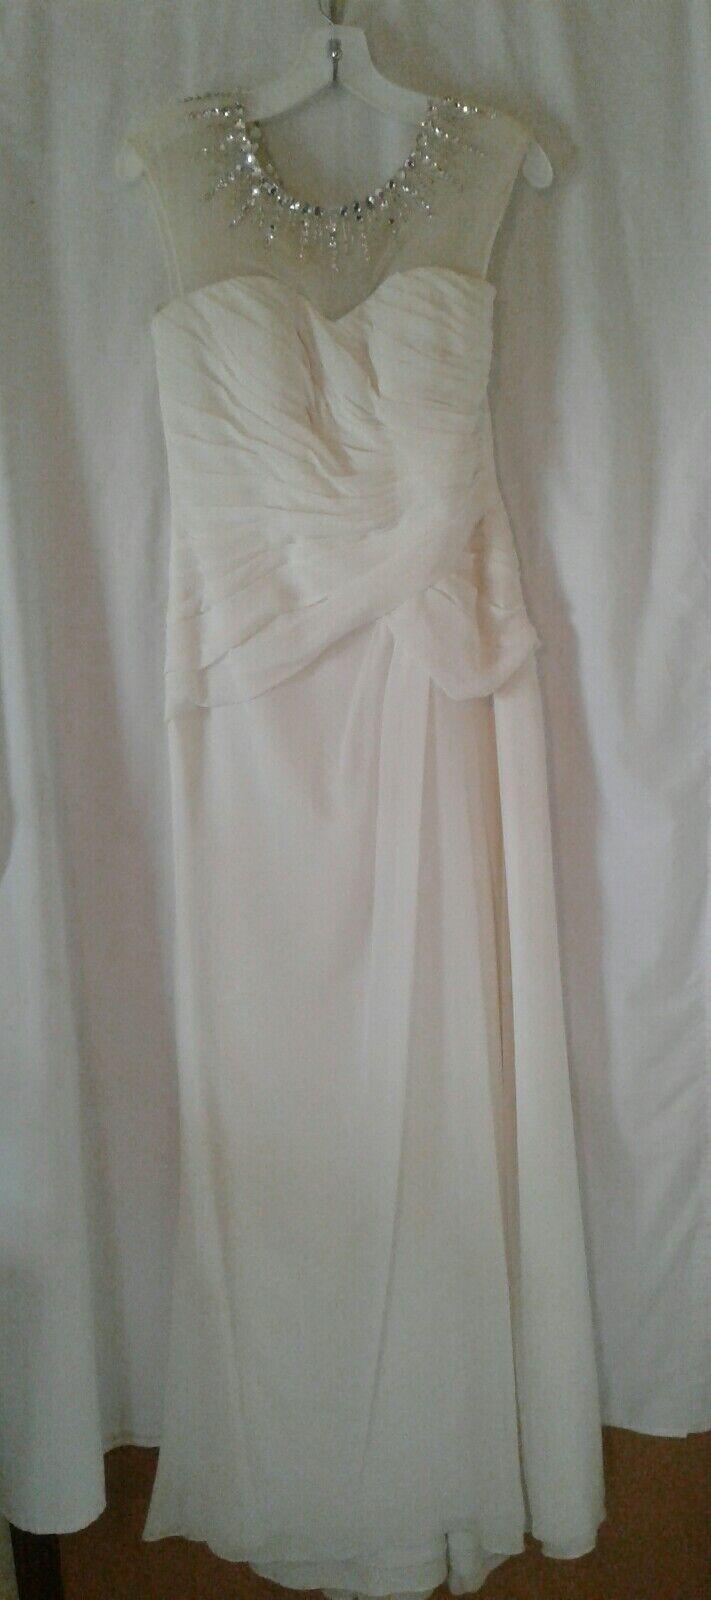 NWOT DAVID'S BRIDAL Creamy White Folded Ruched WEDDING DRESS sz 6